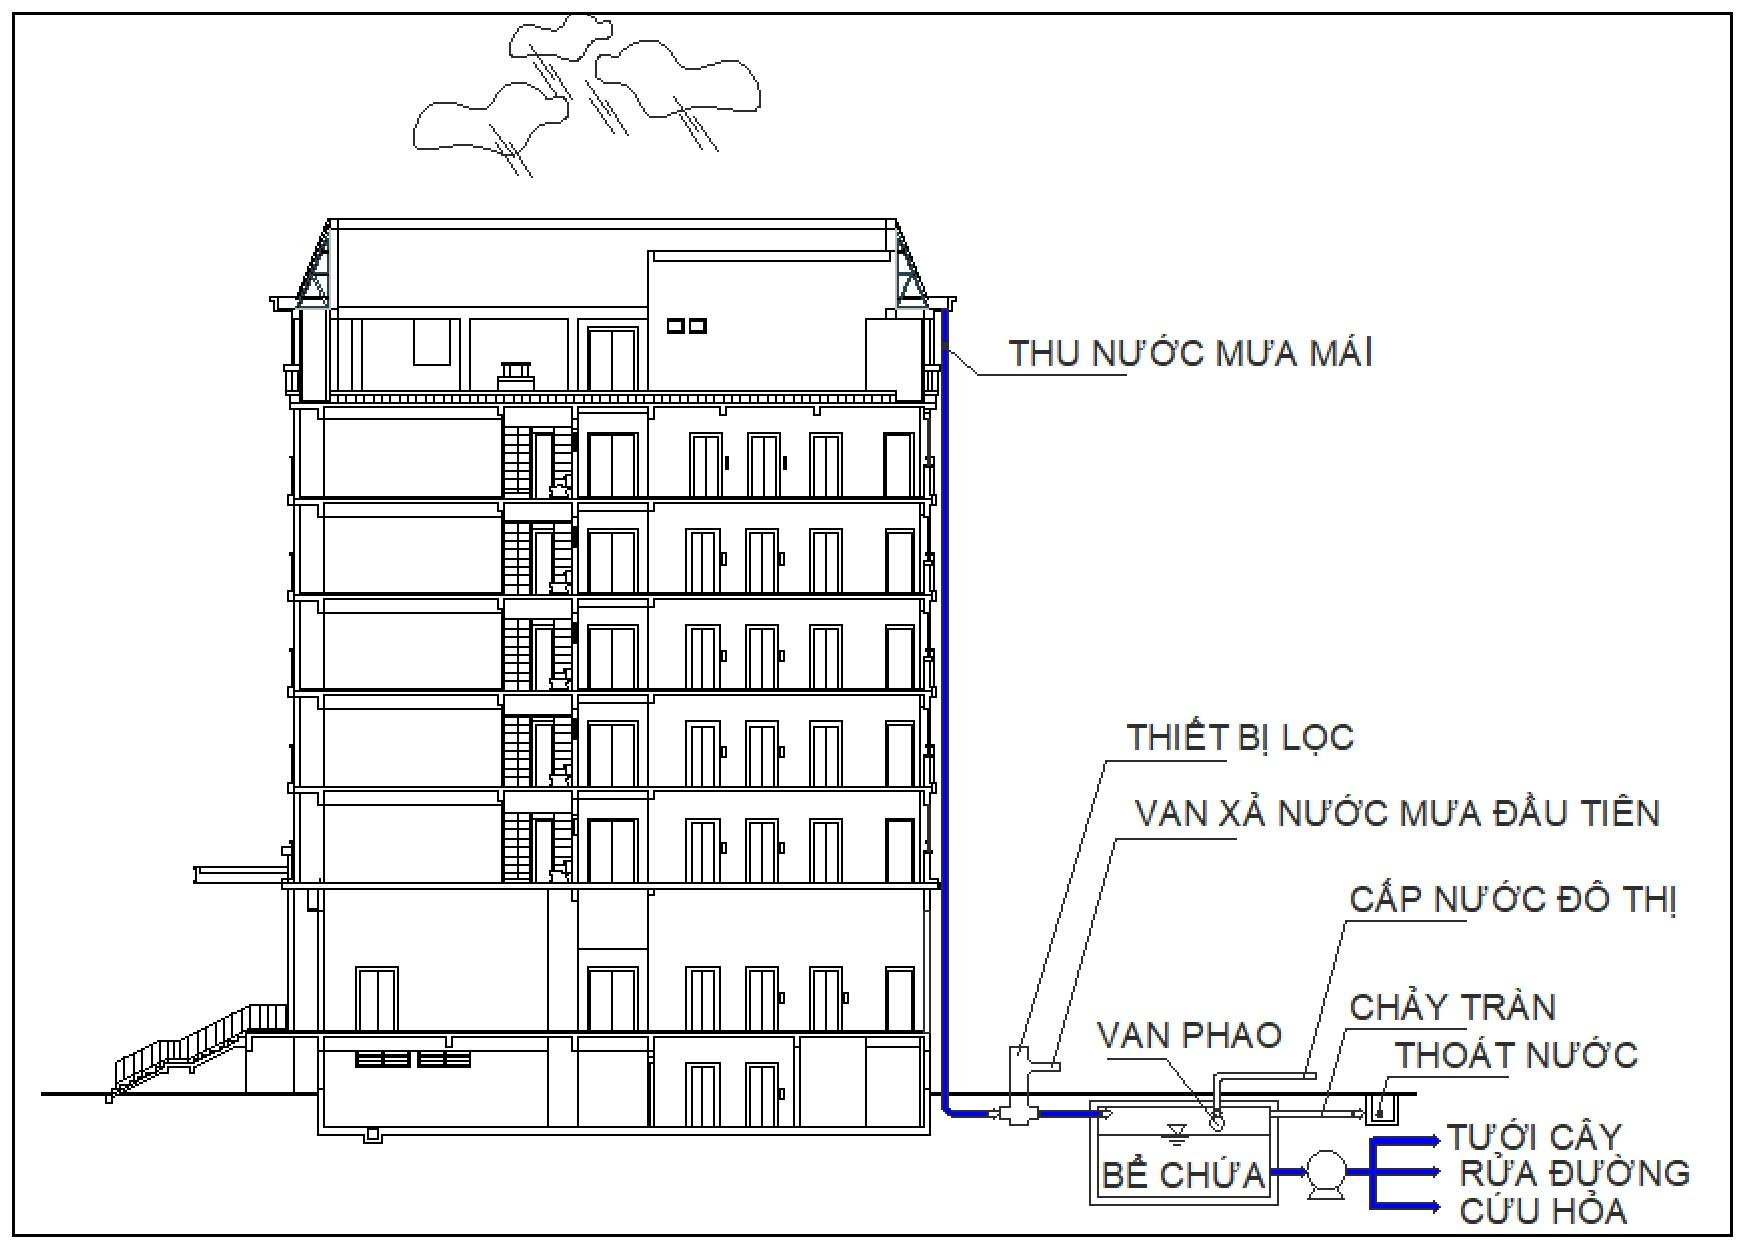 Hình 2: Sơ đồ thu nước mưa theo 3 giai đoạn internet)